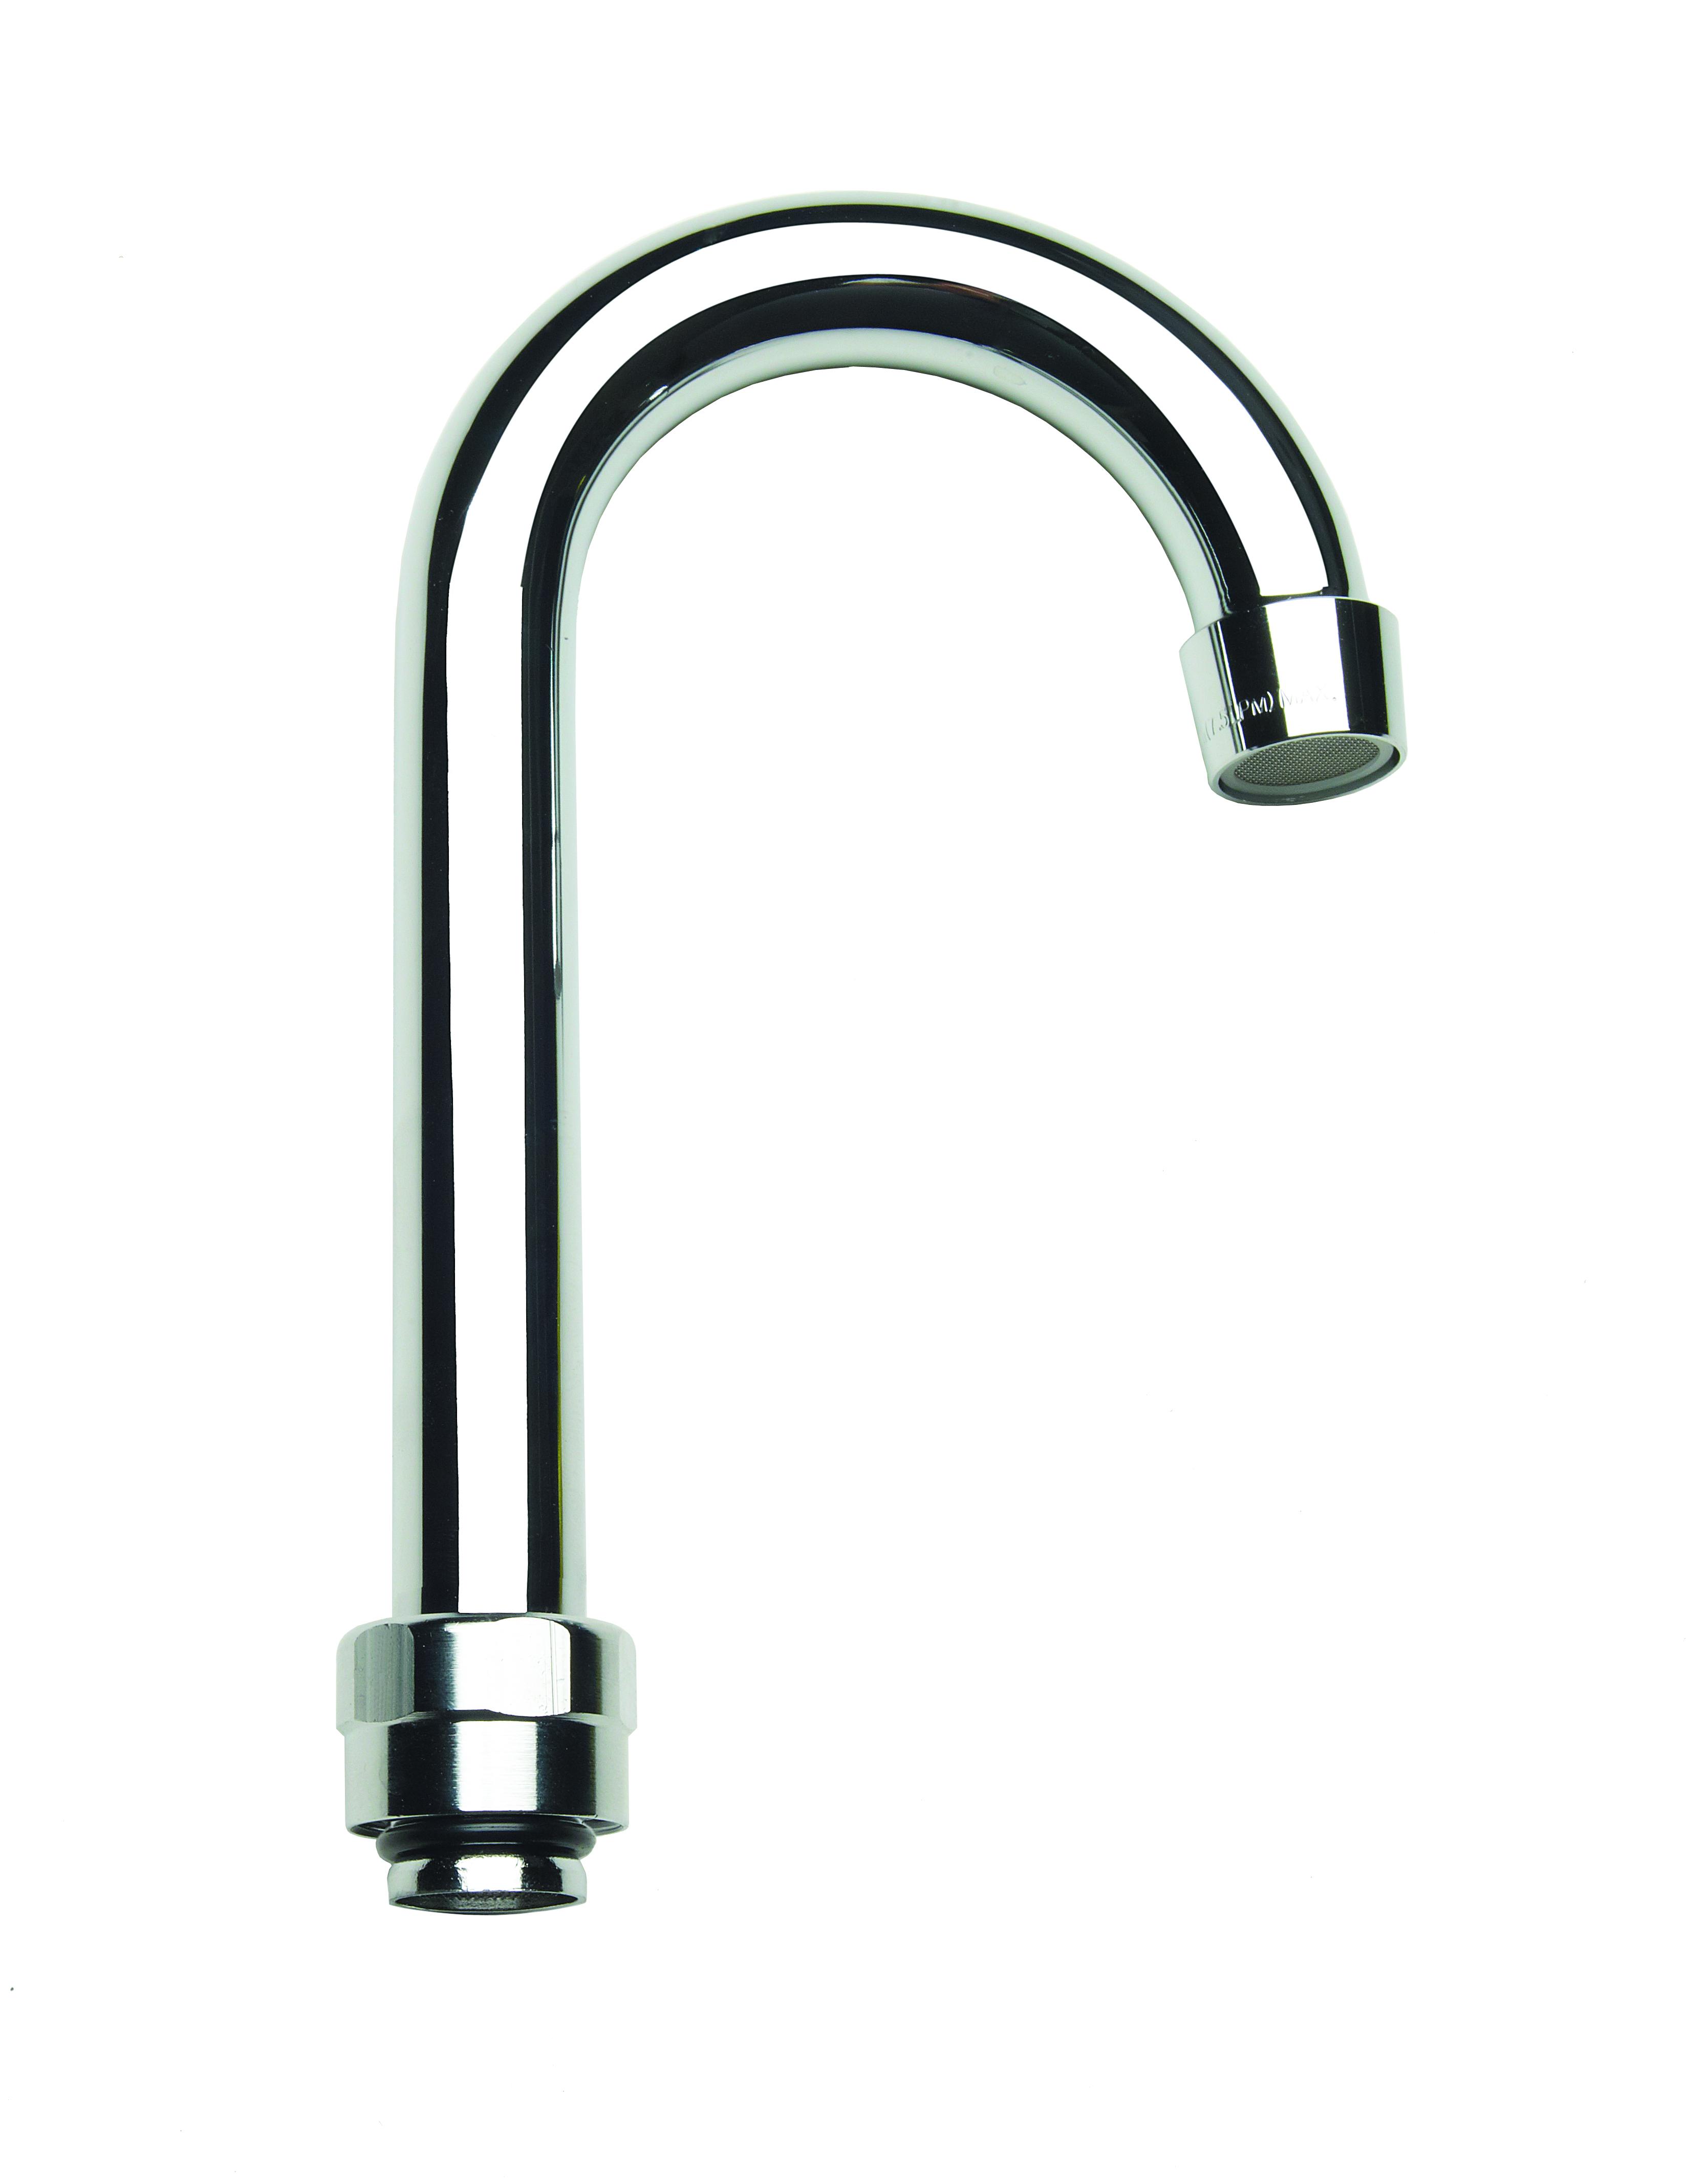 Krowne Metal 19-227L faucet, spout / nozzle